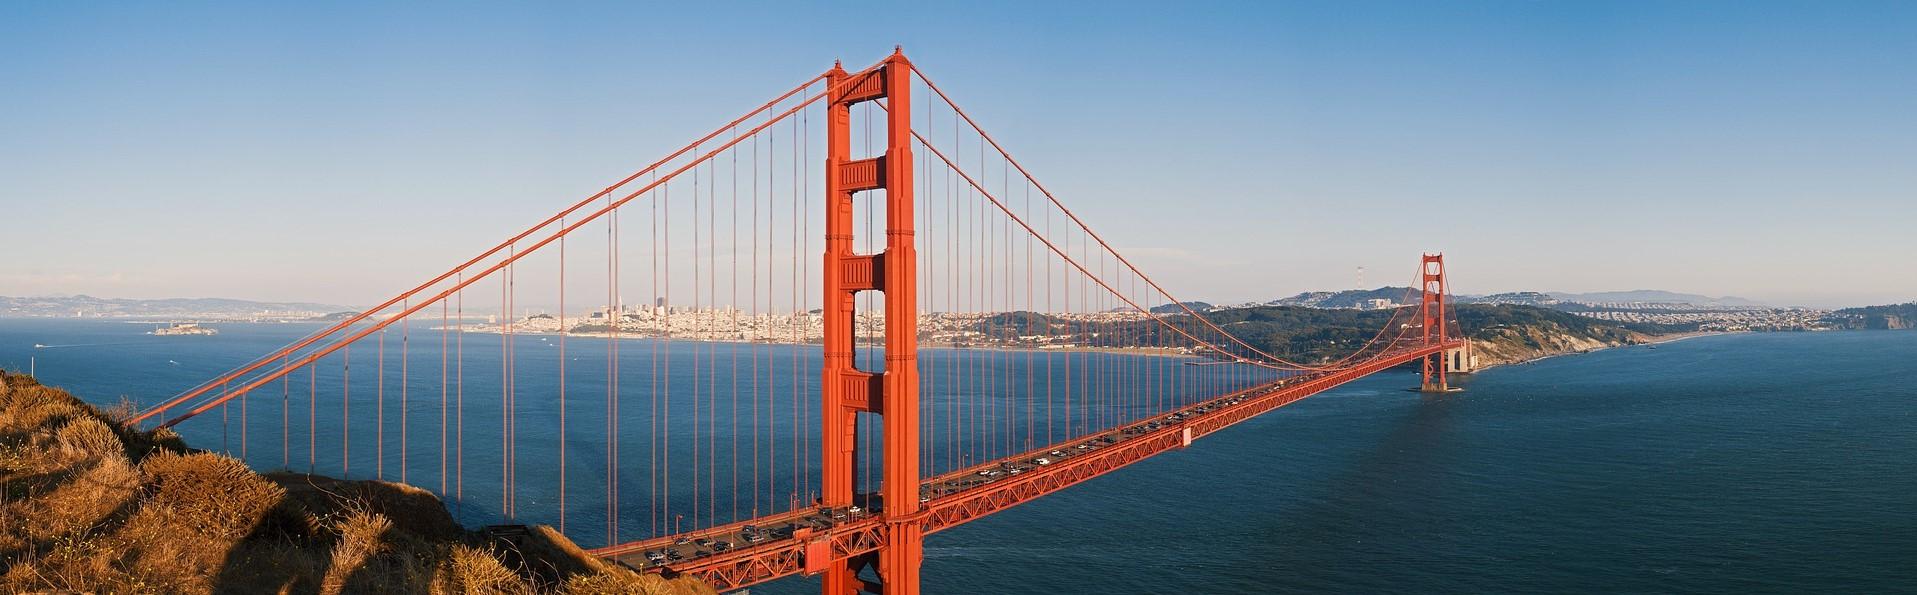 The beautiful Golden Gate bridge